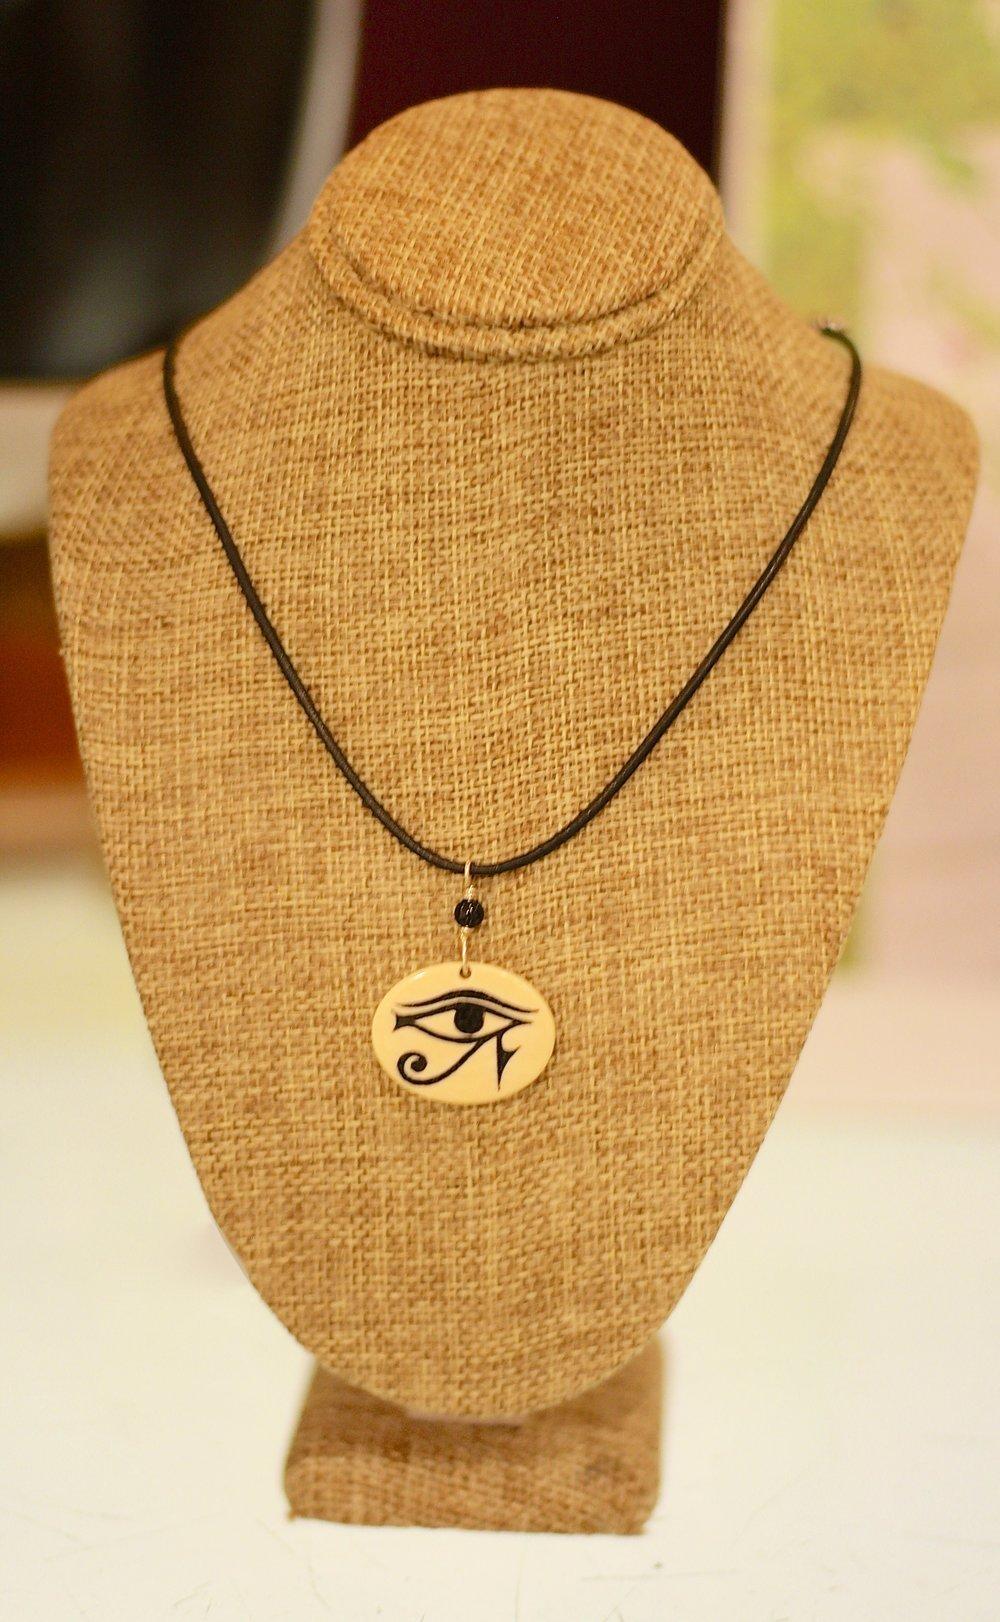 Eye of Horus pendant.jpg